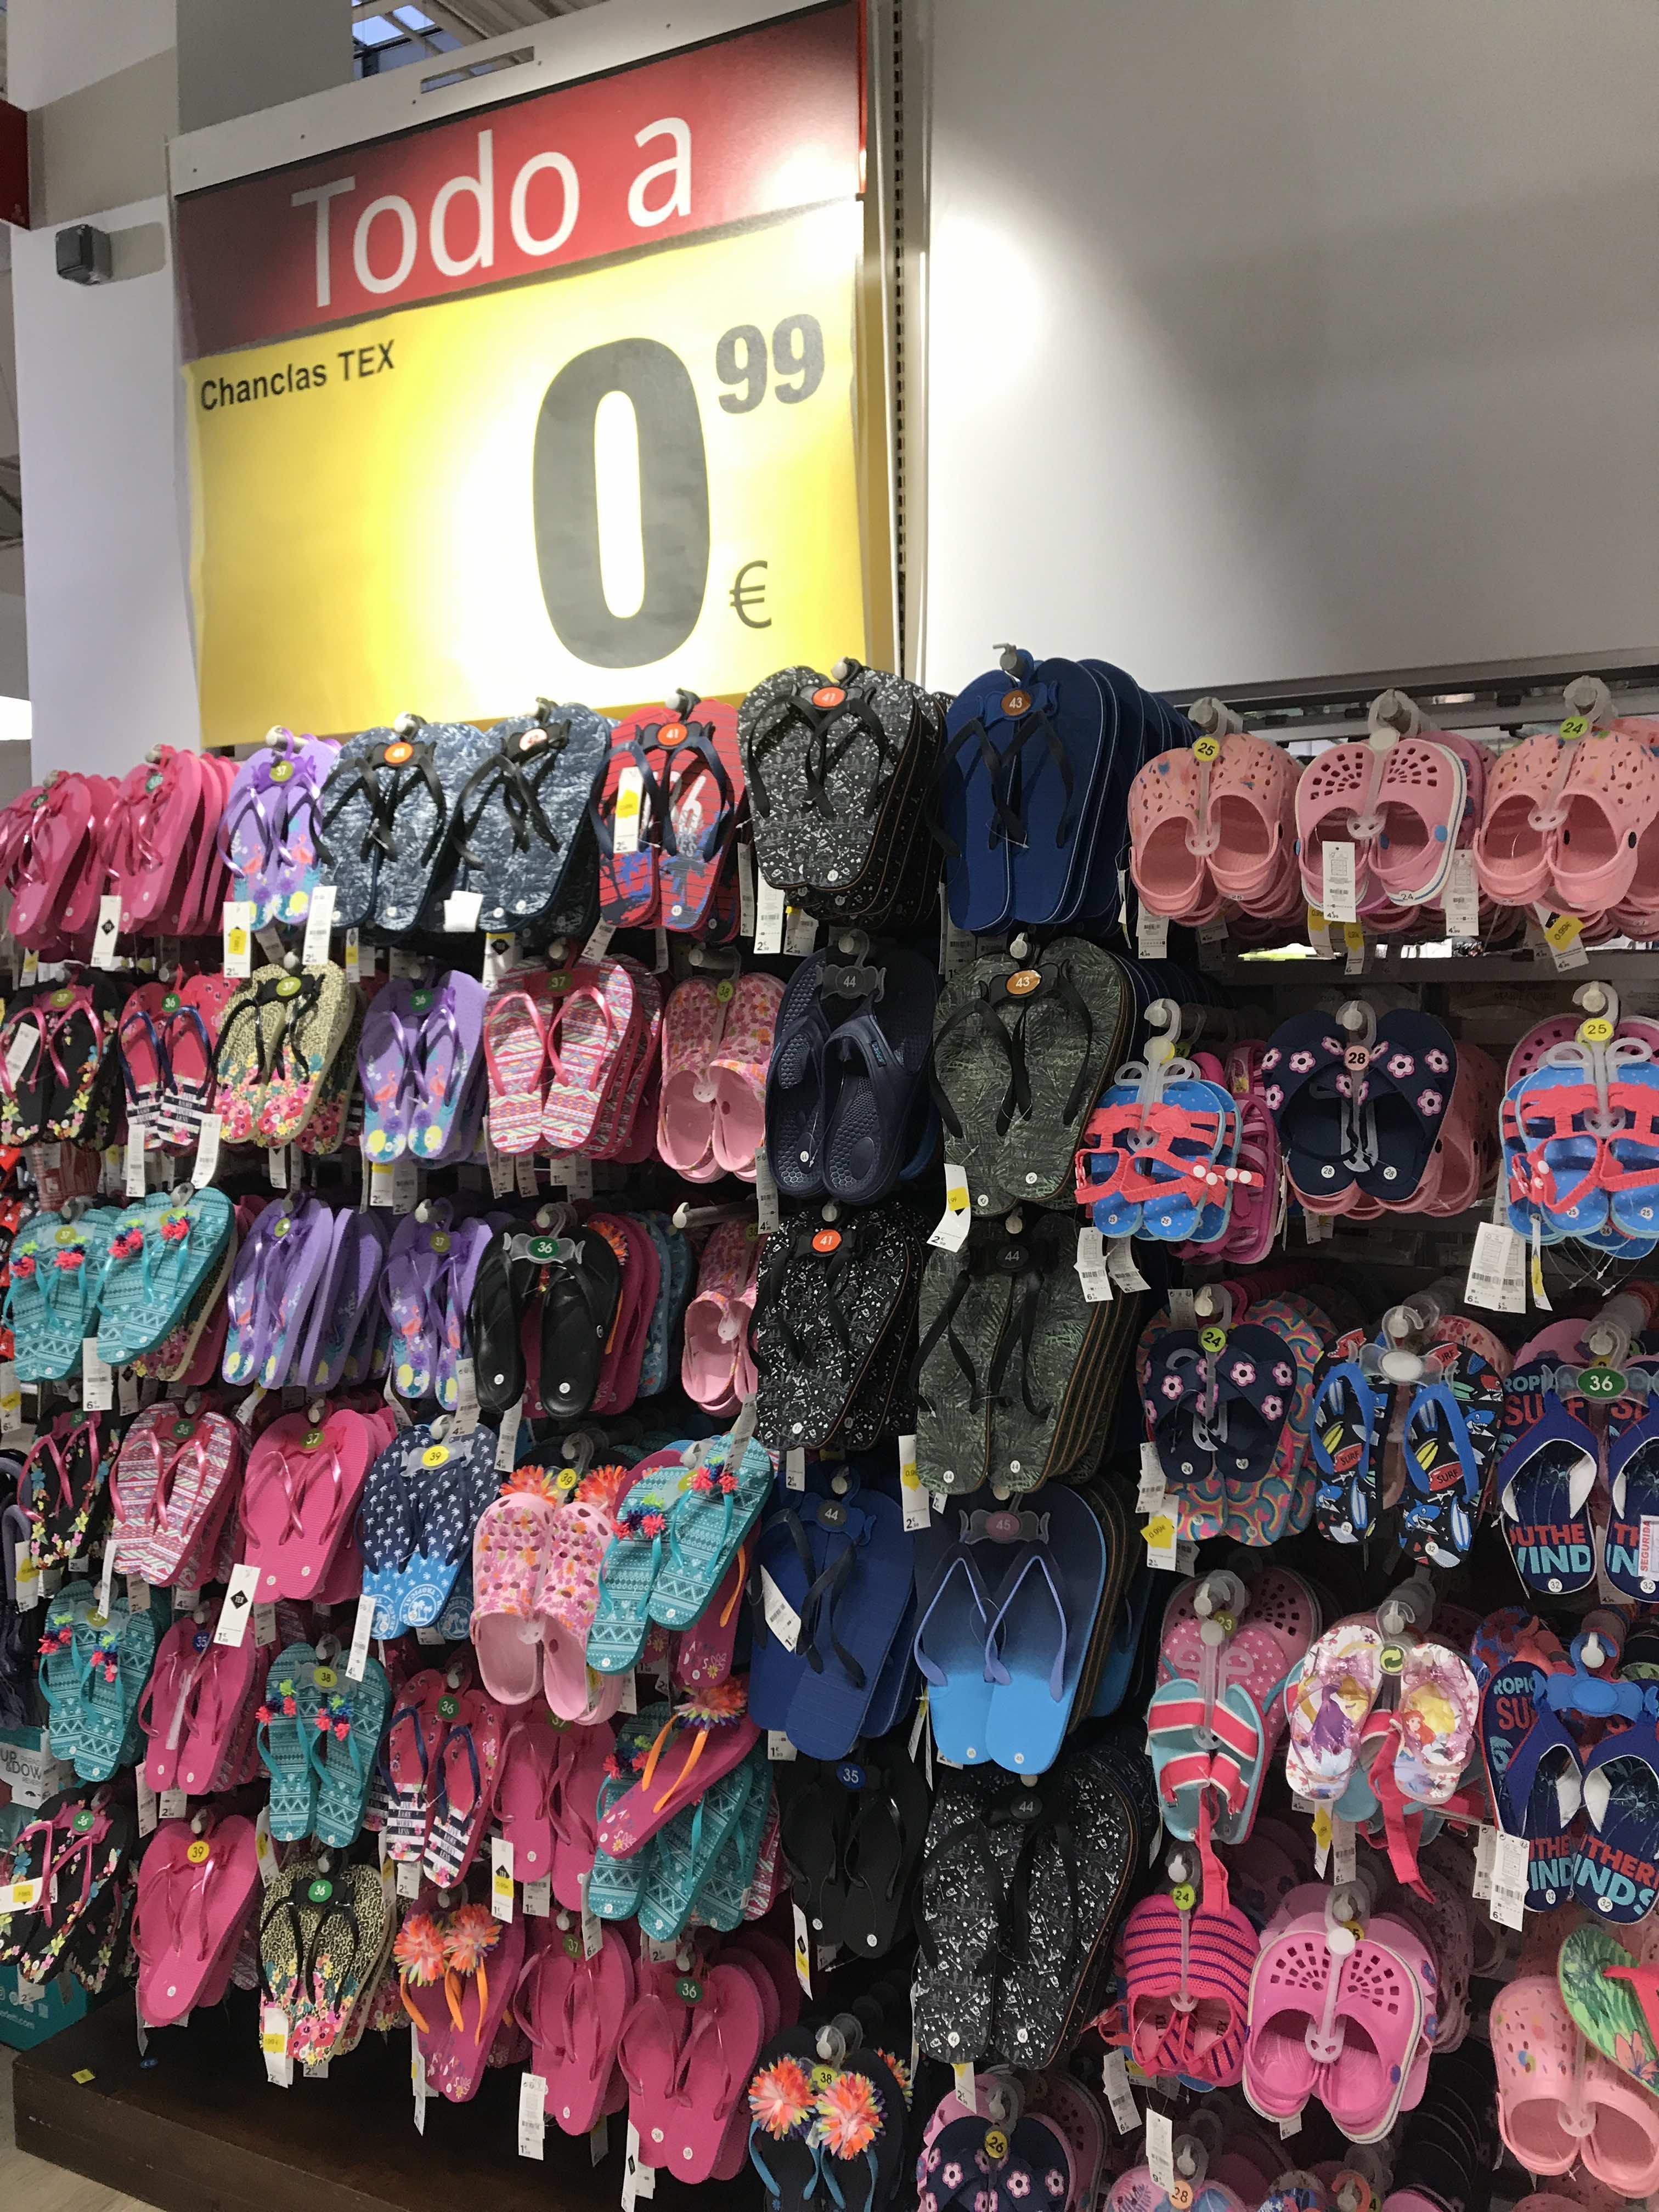 CARREFOUR: Chanclas, zuecos y zapatillas de estar por casa